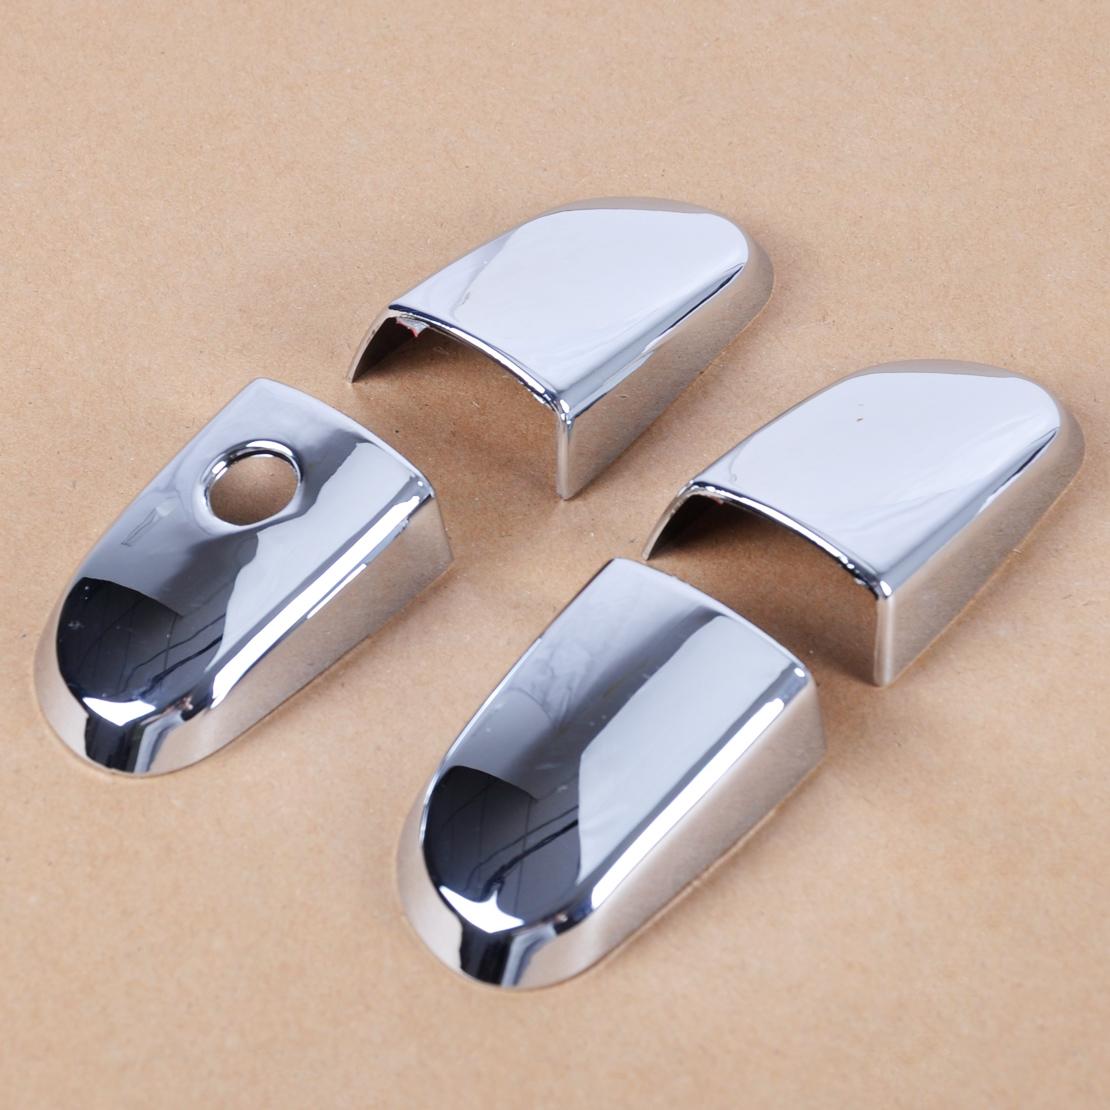 For 2010 2011 2012 mazda 2 3 6 chrome door handle catch - 2010 mazda 3 interior door handle ...